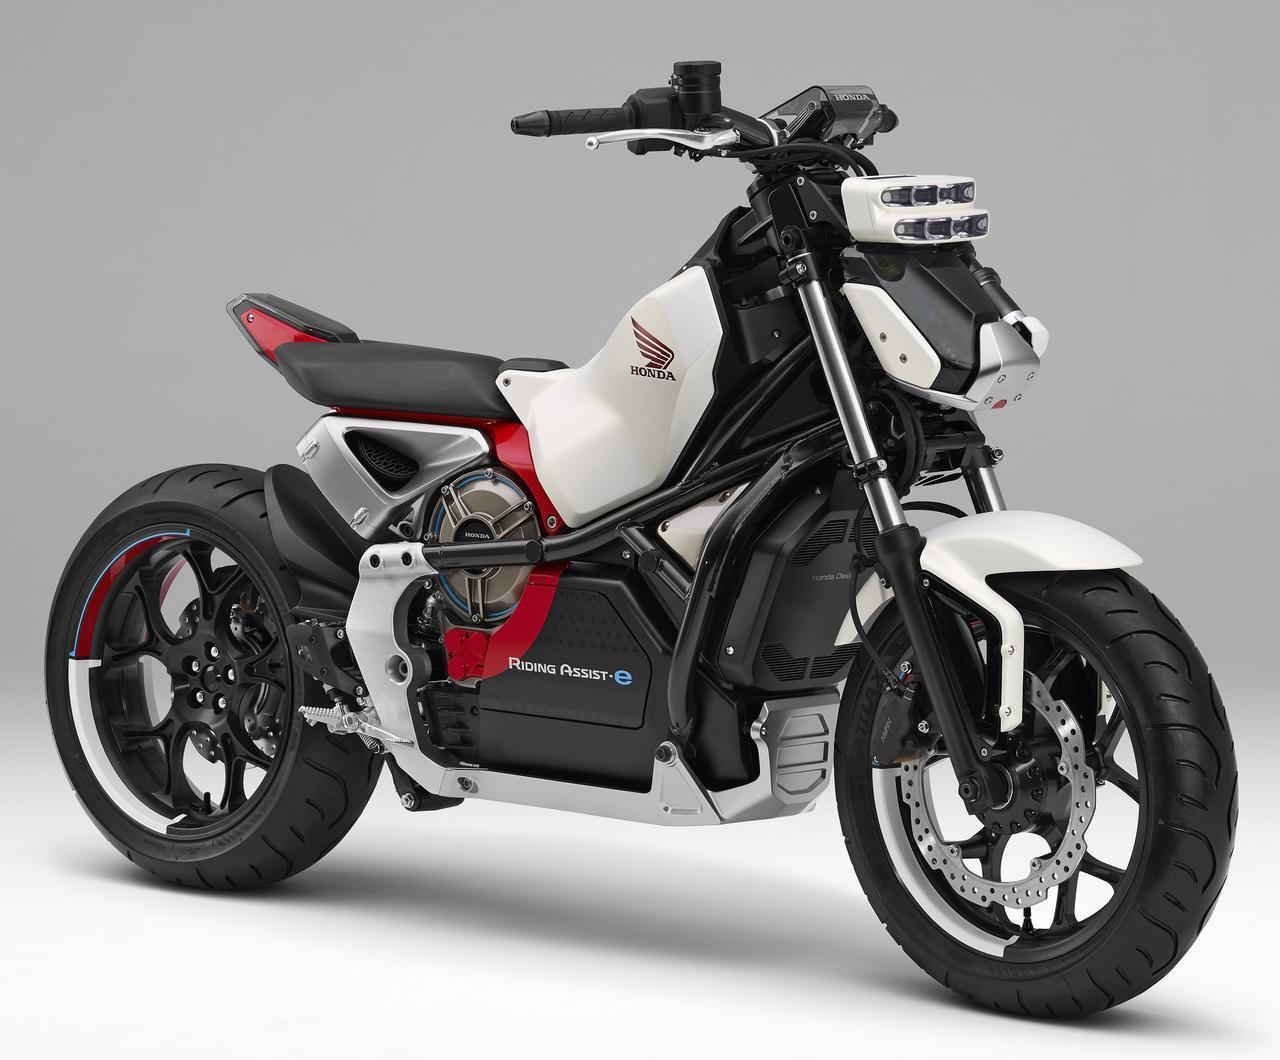 画像1: Honda Riding Assist-e(コンセプトモデル)